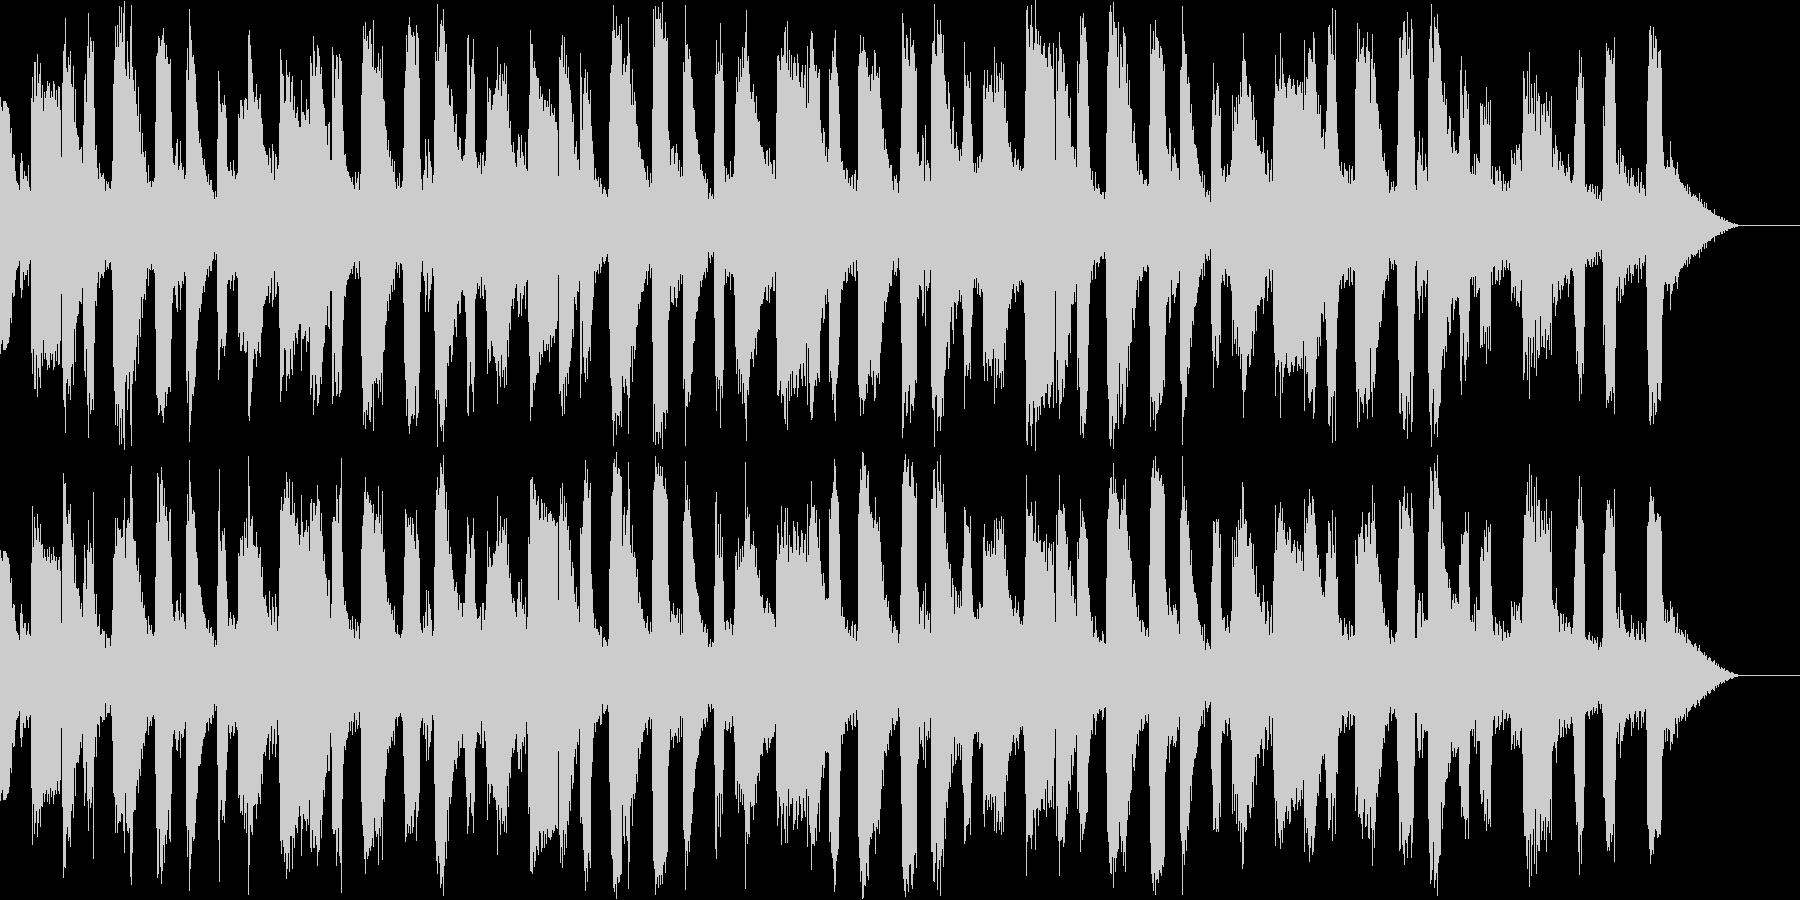 おしゃれで雰囲気があるBGMの未再生の波形